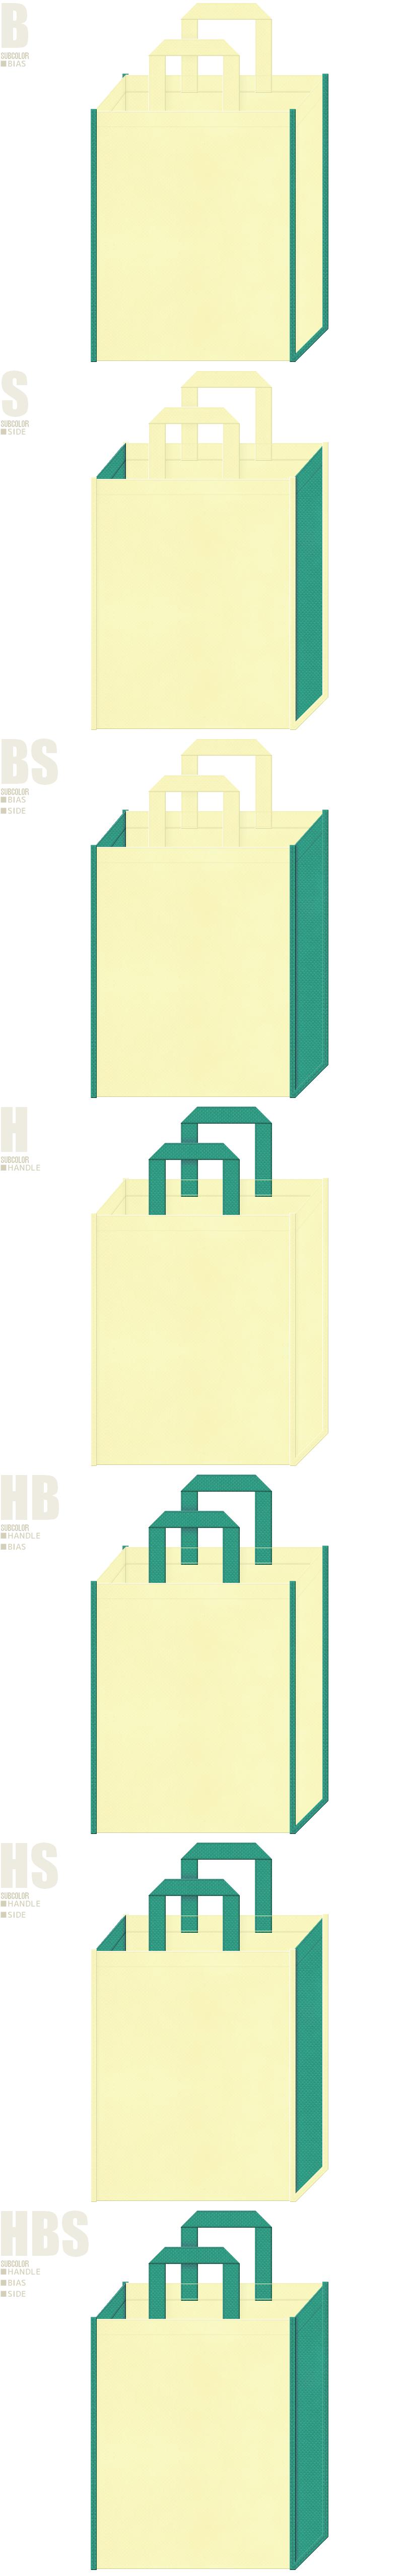 薄黄色と青緑色、7パターンの不織布トートバッグ配色デザイン例。業務用洗剤・クリーニング用品の展示会用バッグにお奨めです。